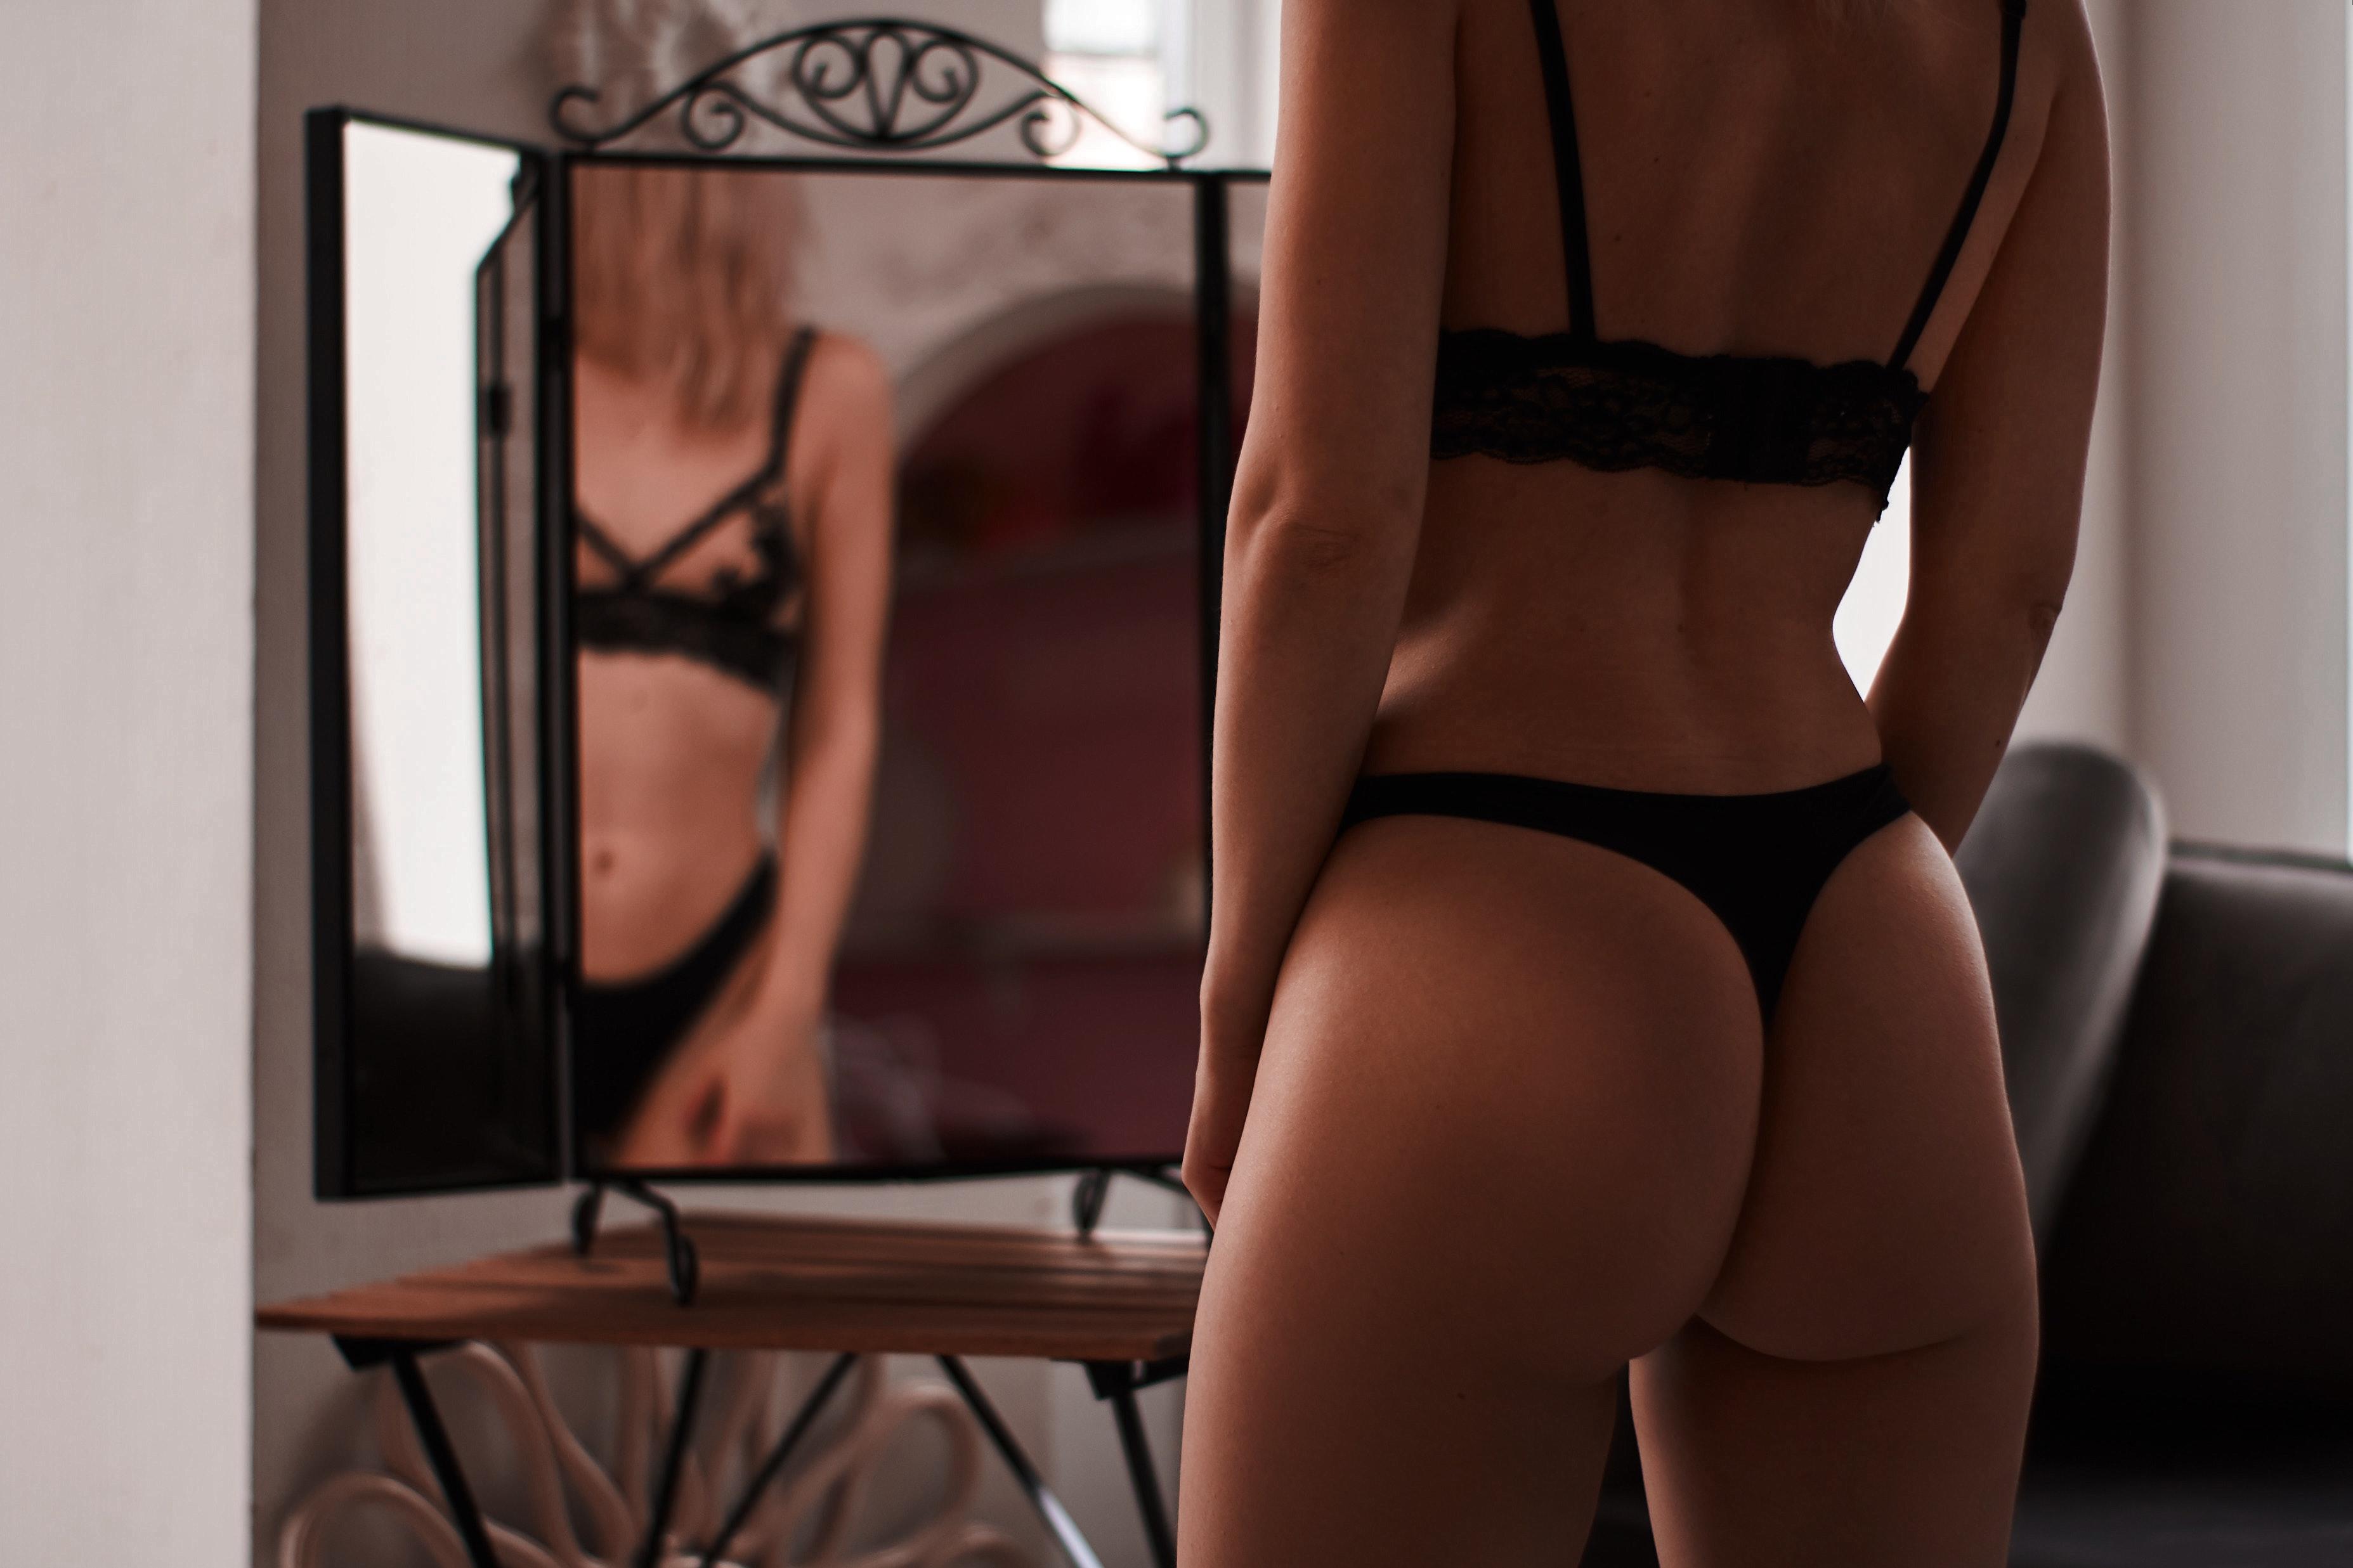 Women Wearing Panties Gallery HD